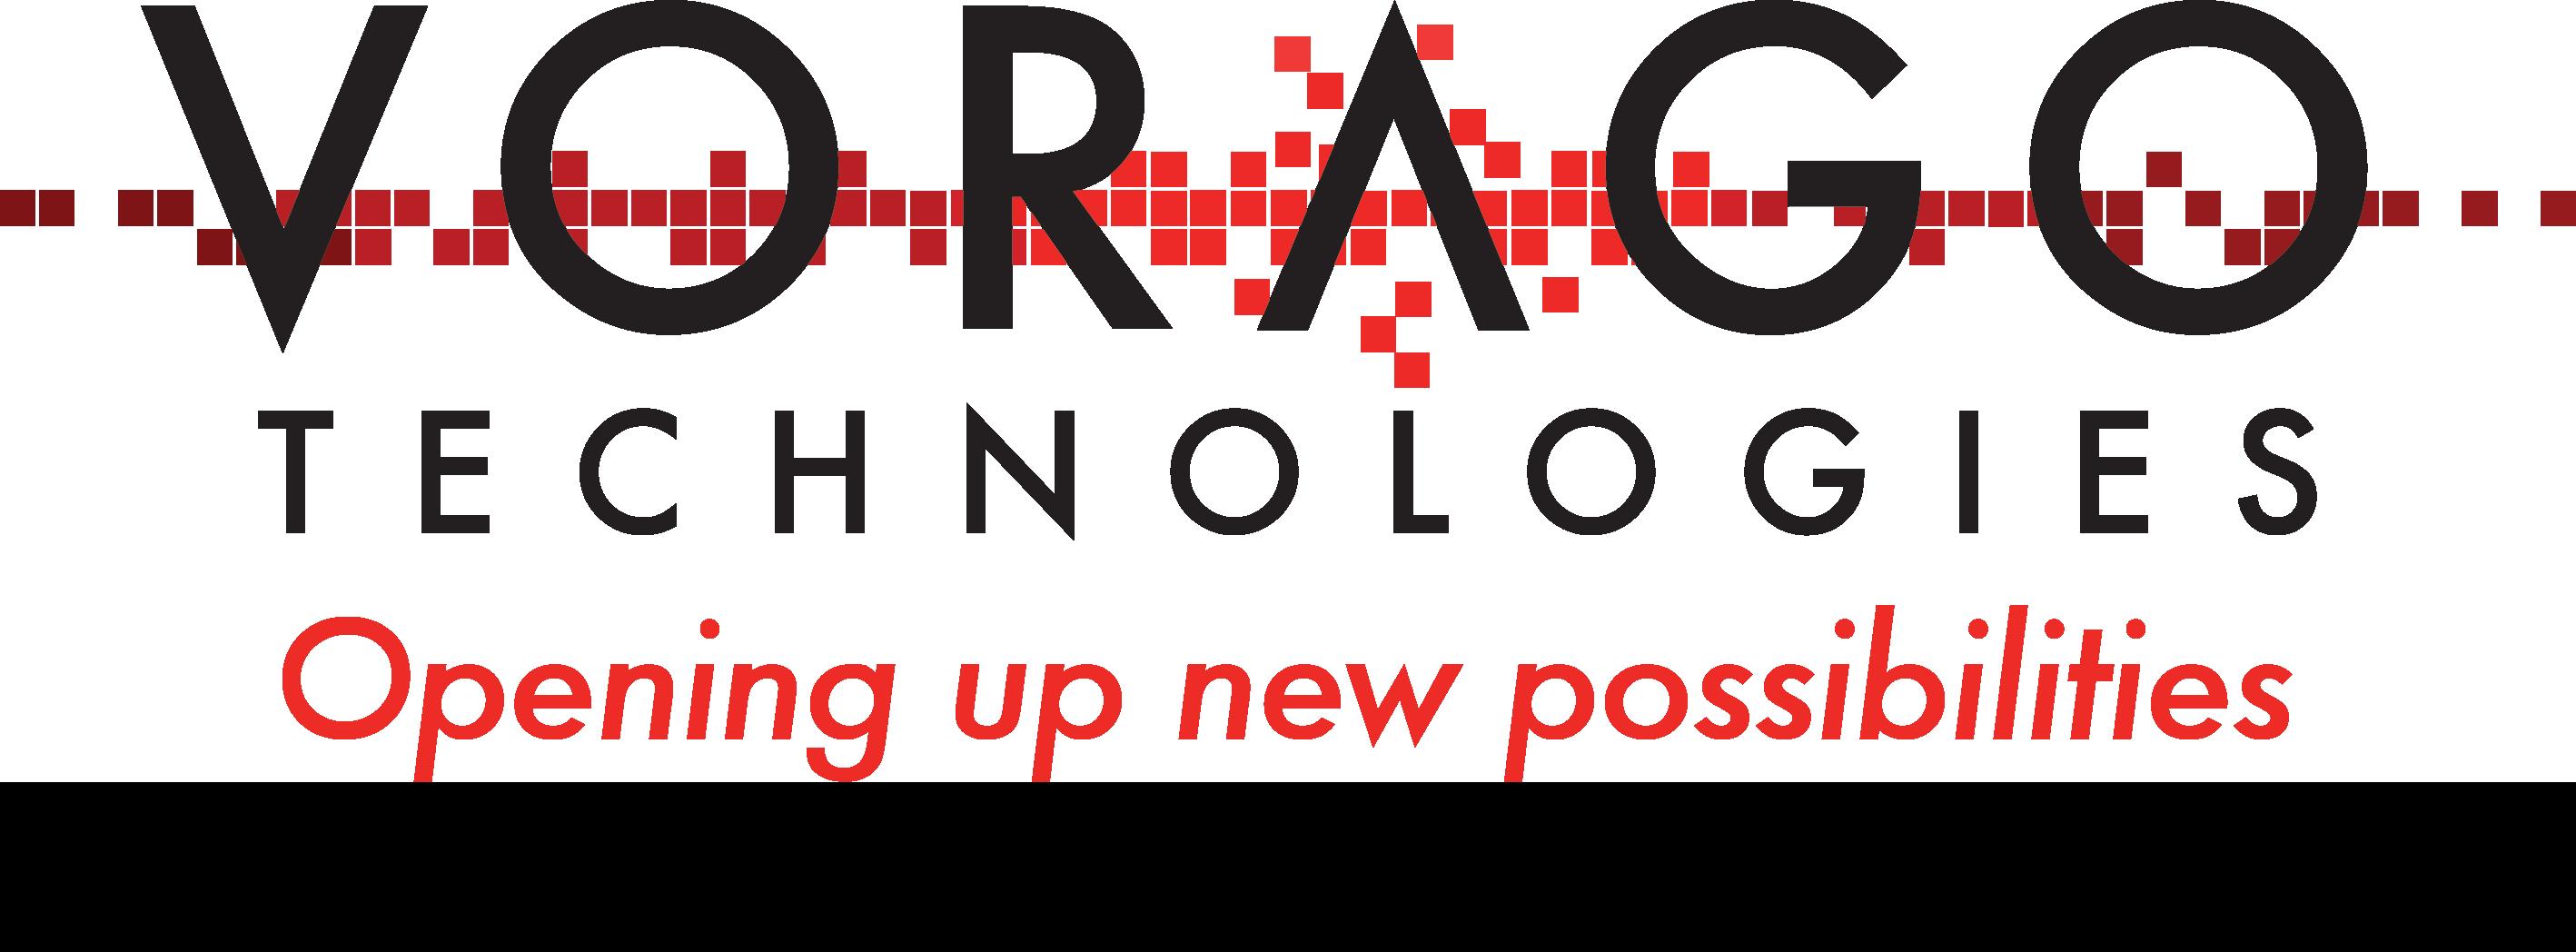 VORAGO Technologies Logo